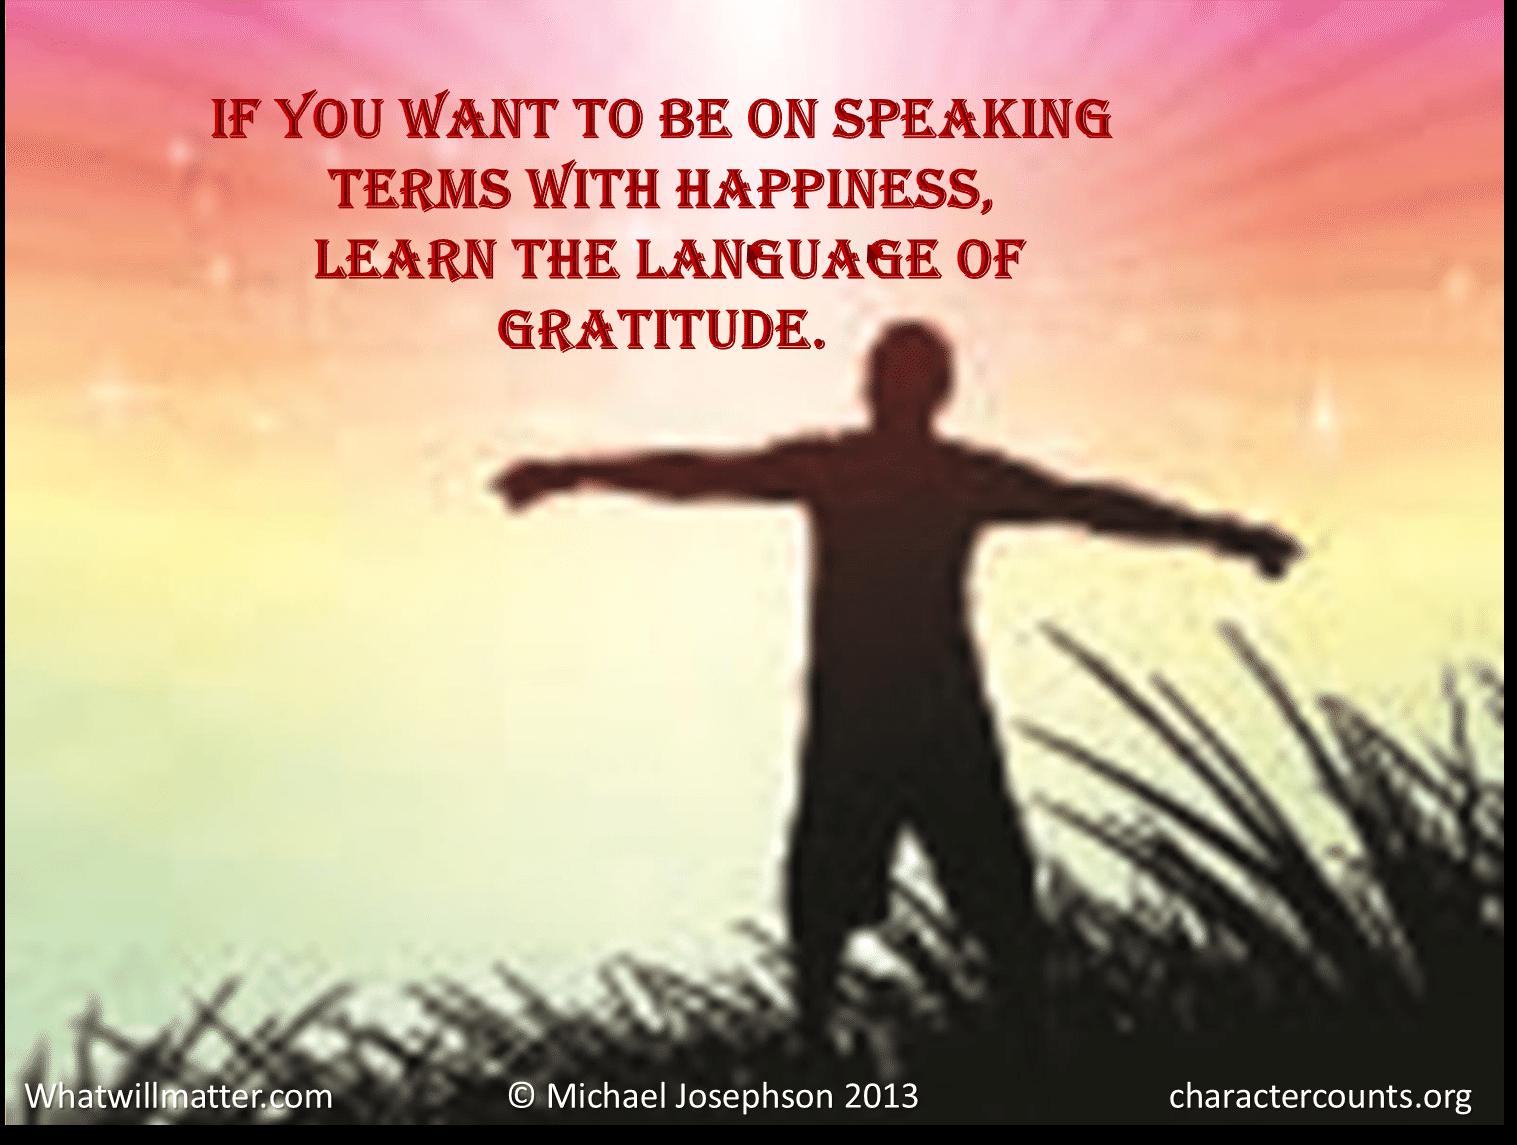 Quotes Gratitude Michael Josephson's Best Original Quotes On Gratitude  What Will